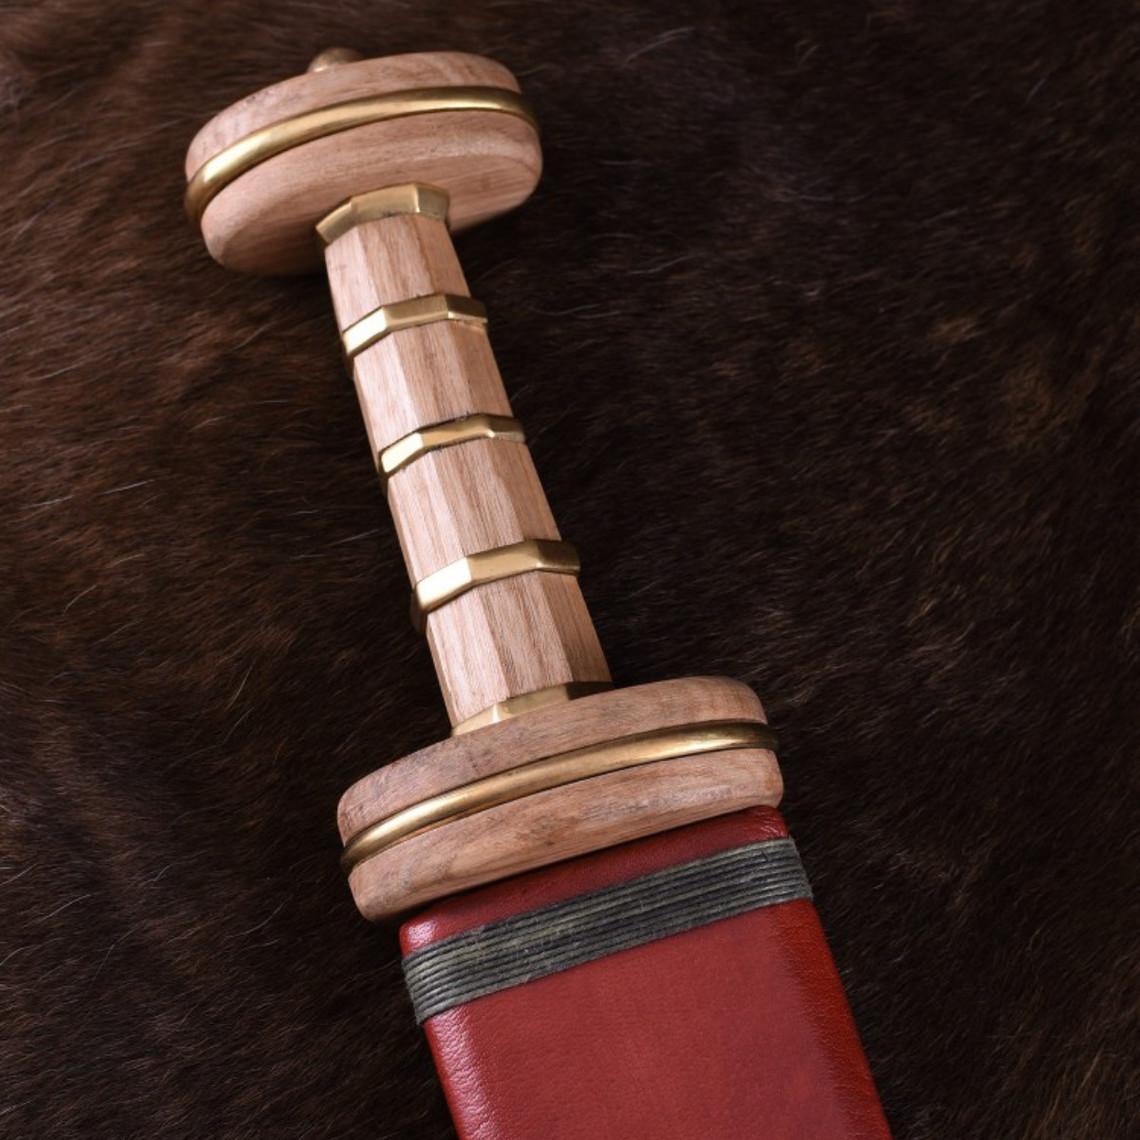 Deepeeka Spatha romana Podlodów, siglo 3º dC